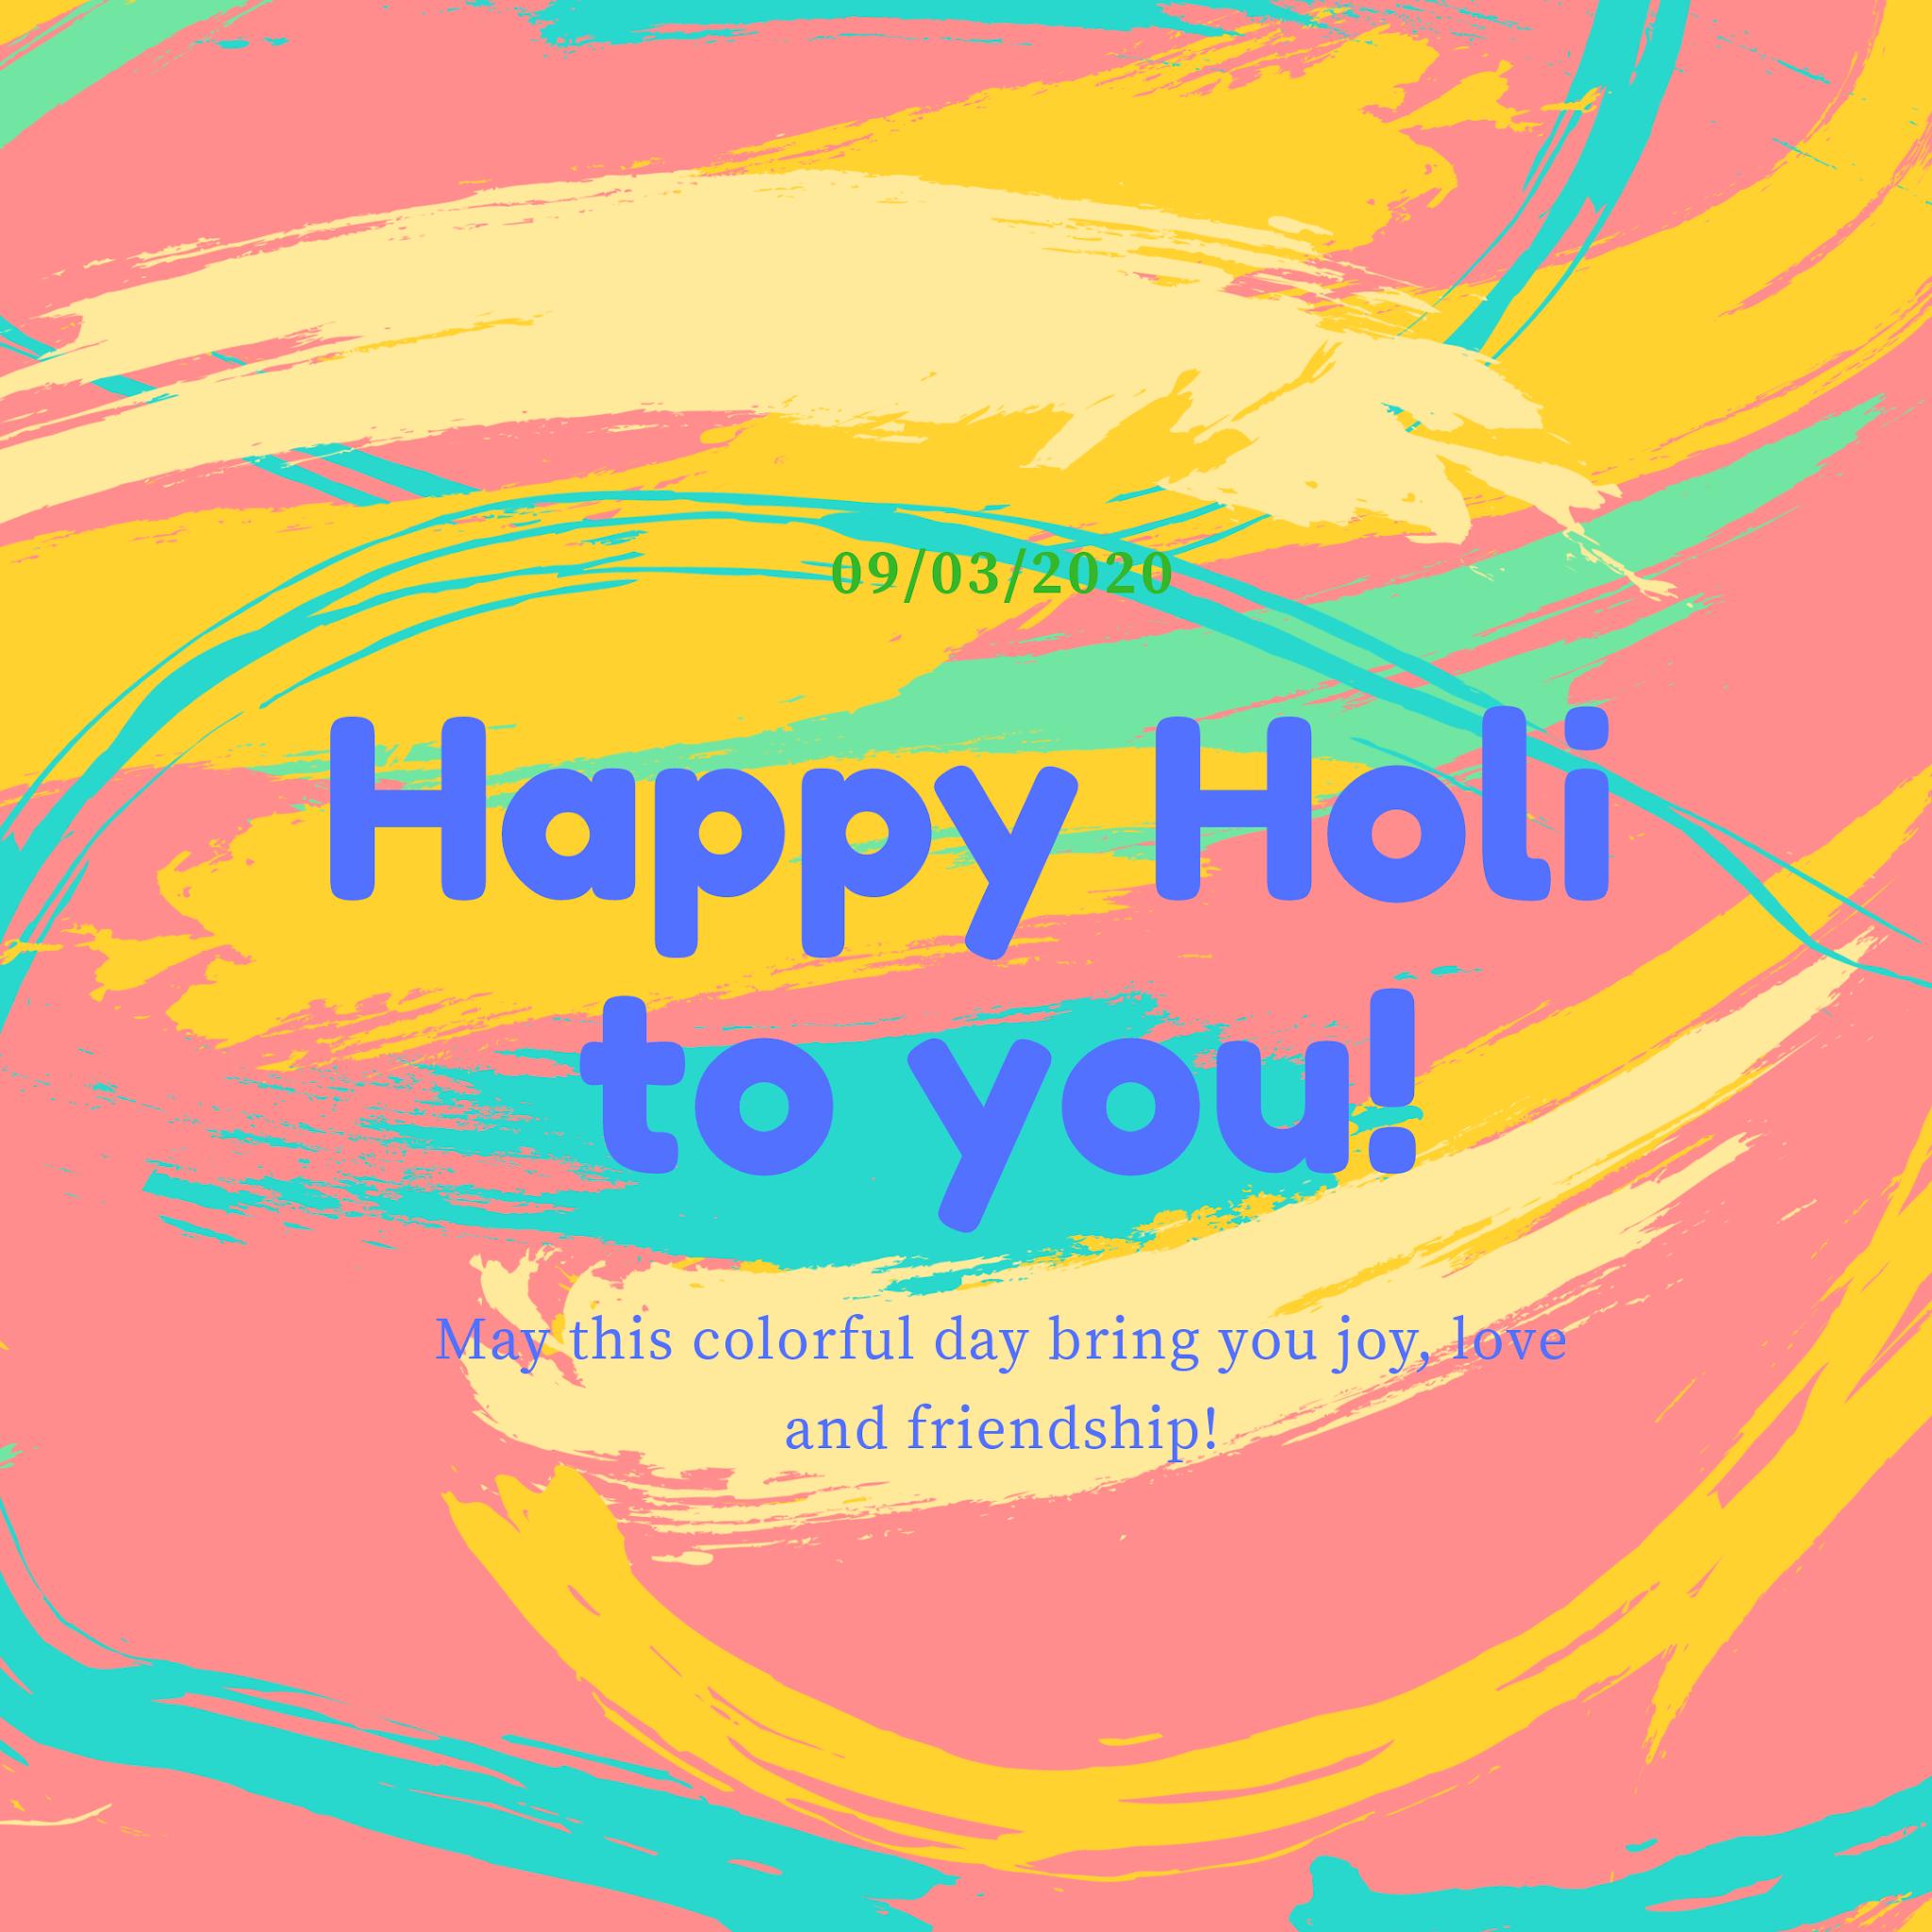 Happy Holi Wishes Images In English, Status, Photo, Massage,